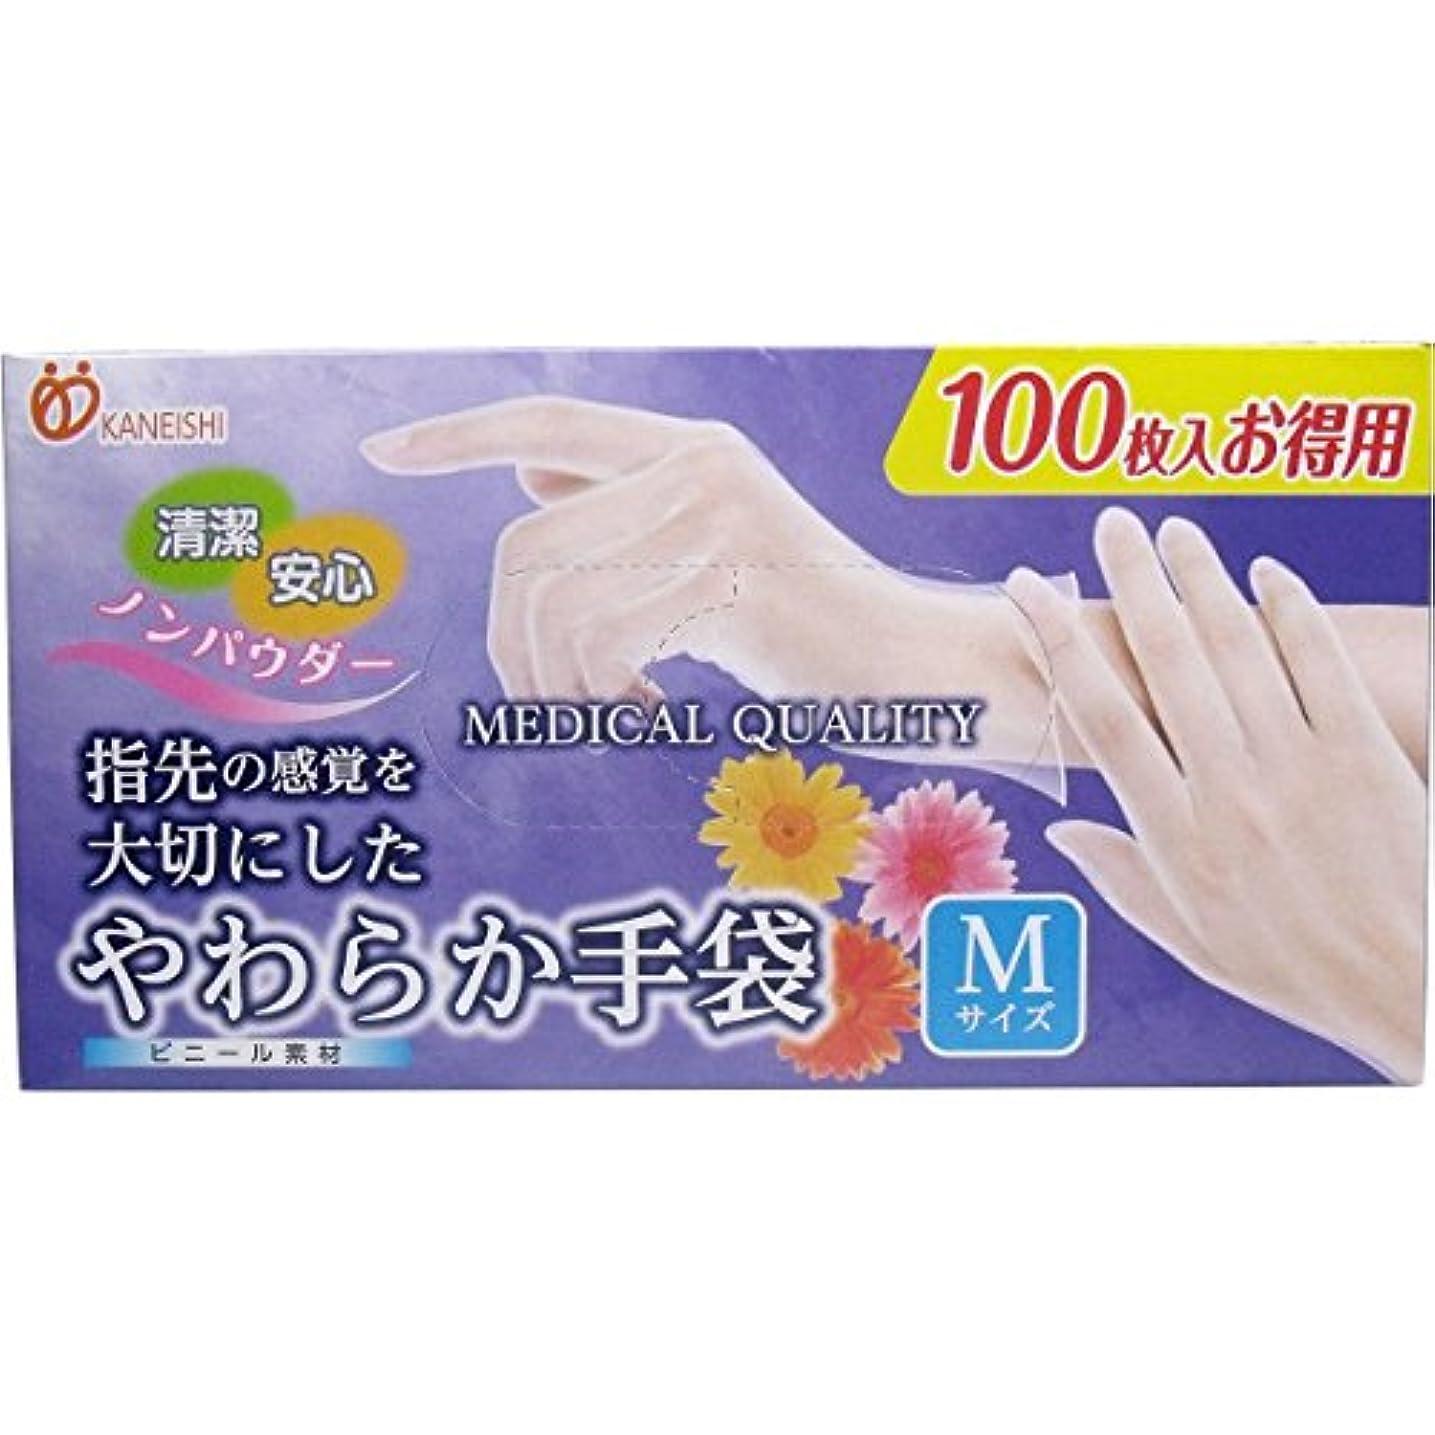 六月アラブサラボ漏斗やわらか手袋 ビニール素材 Mサイズ 100枚入x2